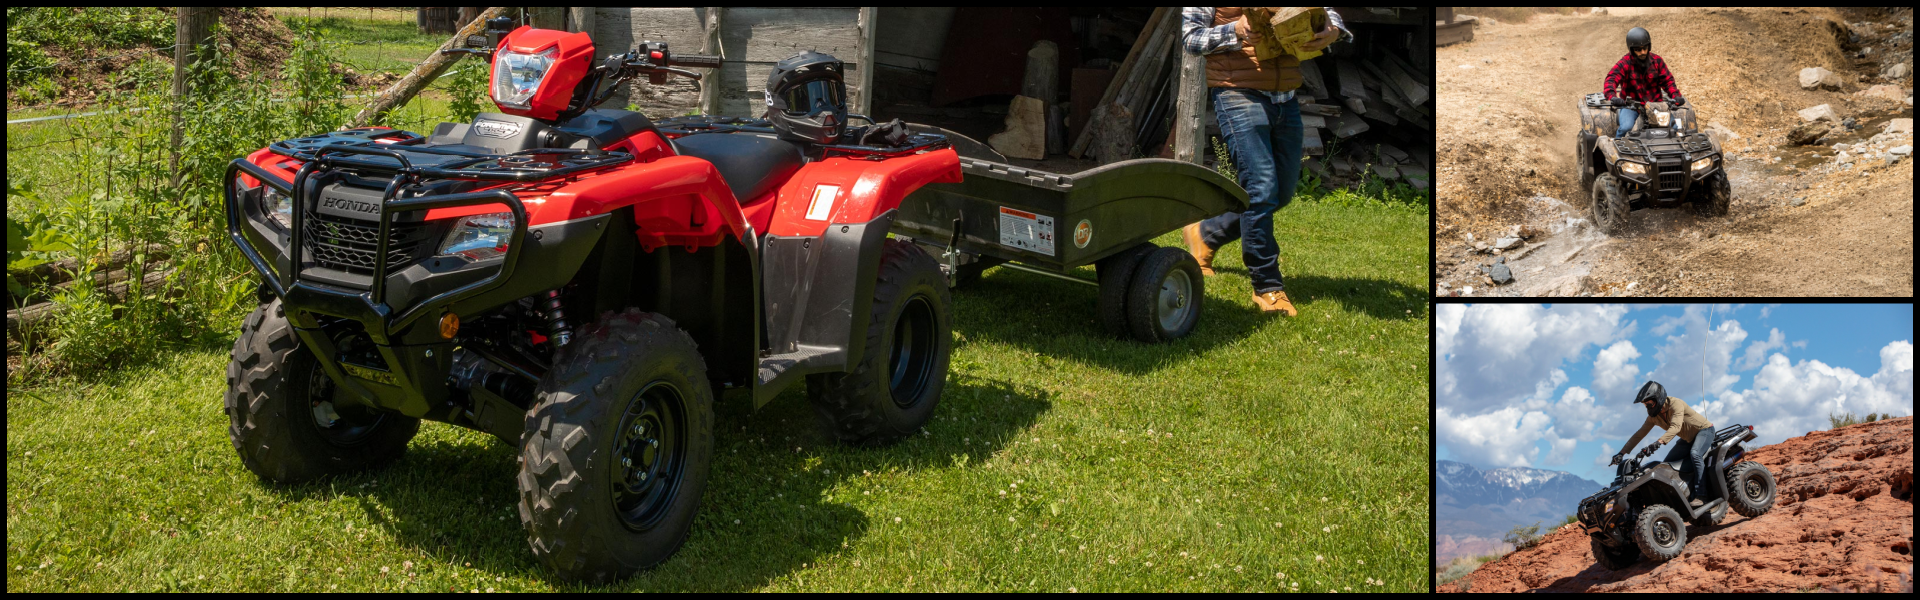 Honda ATV Dealer in St. Louis